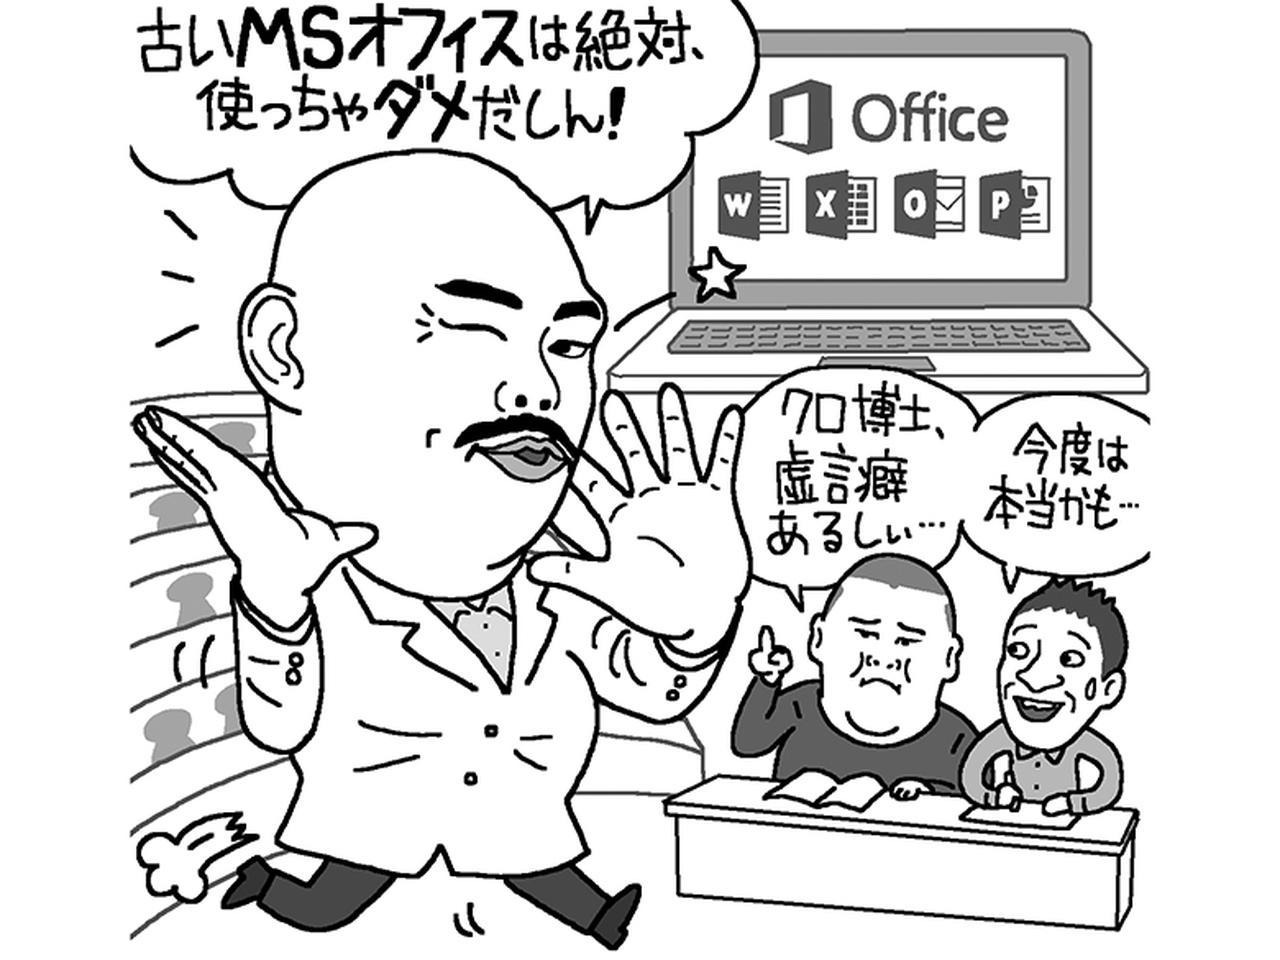 画像: あなたの疑問にズバリお答え! サポートが終わった「オフィス」は使用可能?